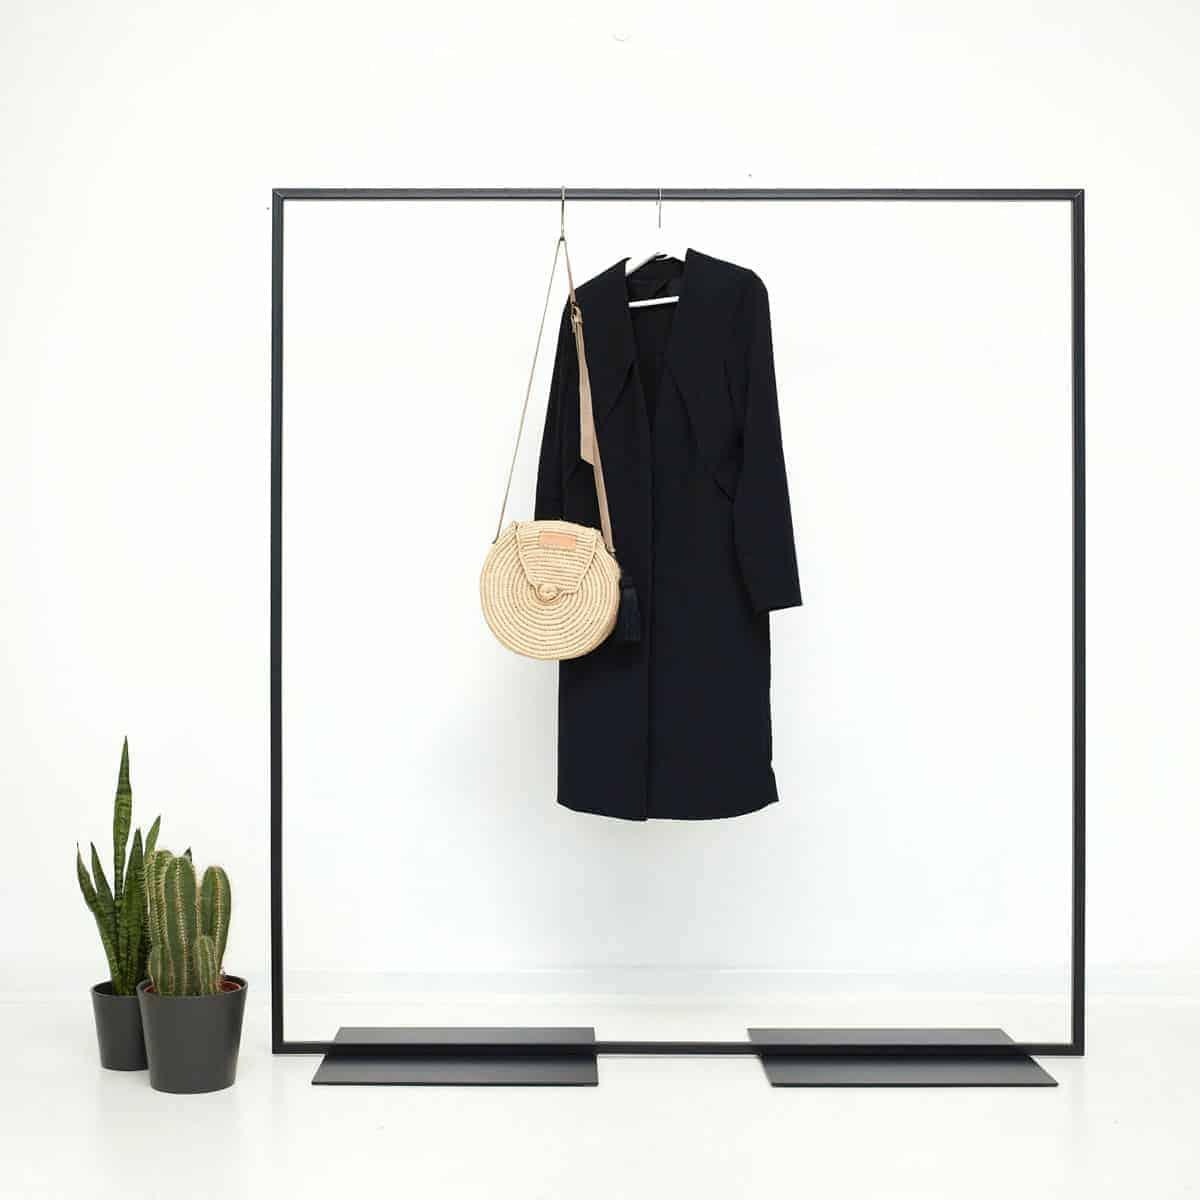 Freistehender Kleiderständer Ladenausstattung Ladeneinrichtung skandinavisch Industrial Design Stahl geschweisst schwarz pulverbeschichtet